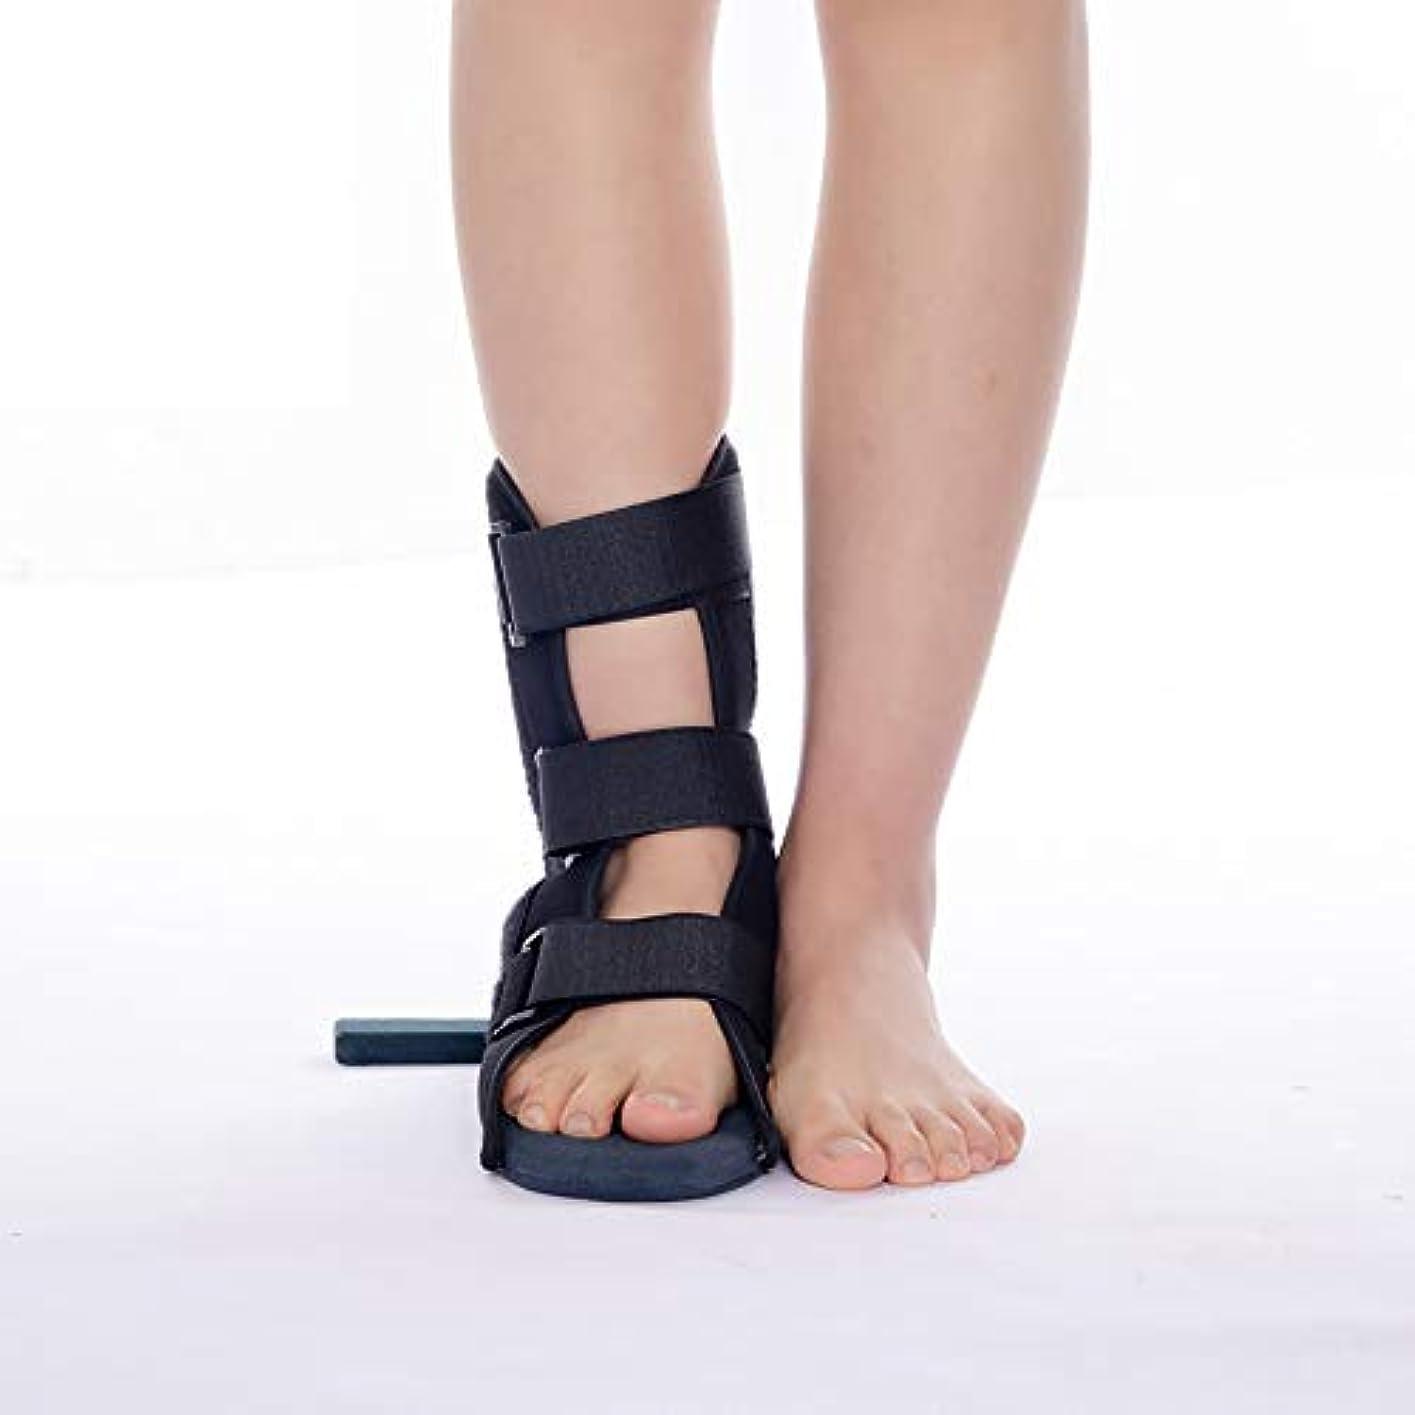 歌詞滑りやすい秋足固定整形外科用靴足ブレースサポート回転防止足首捻挫スタビライザーブーツ用足首関節捻挫骨折リハビリテーション